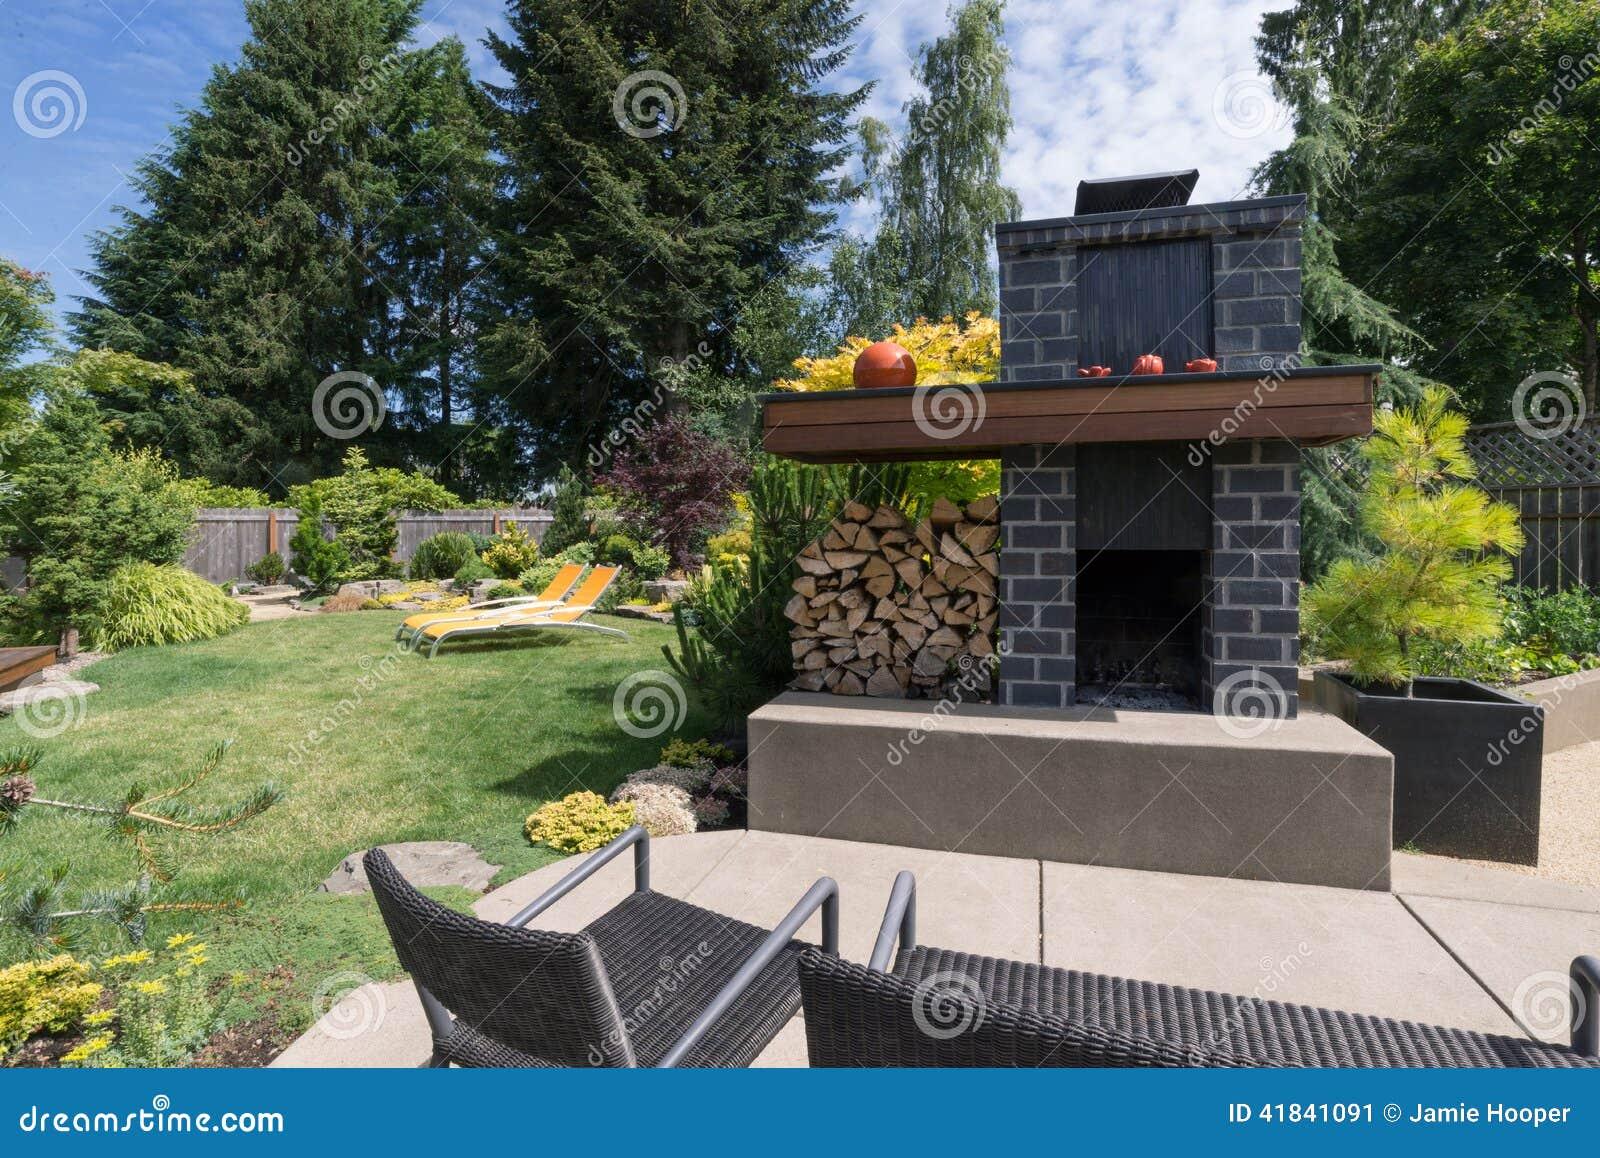 Garten Kamin Stockbild Bild Von Kamin Garten 41841091